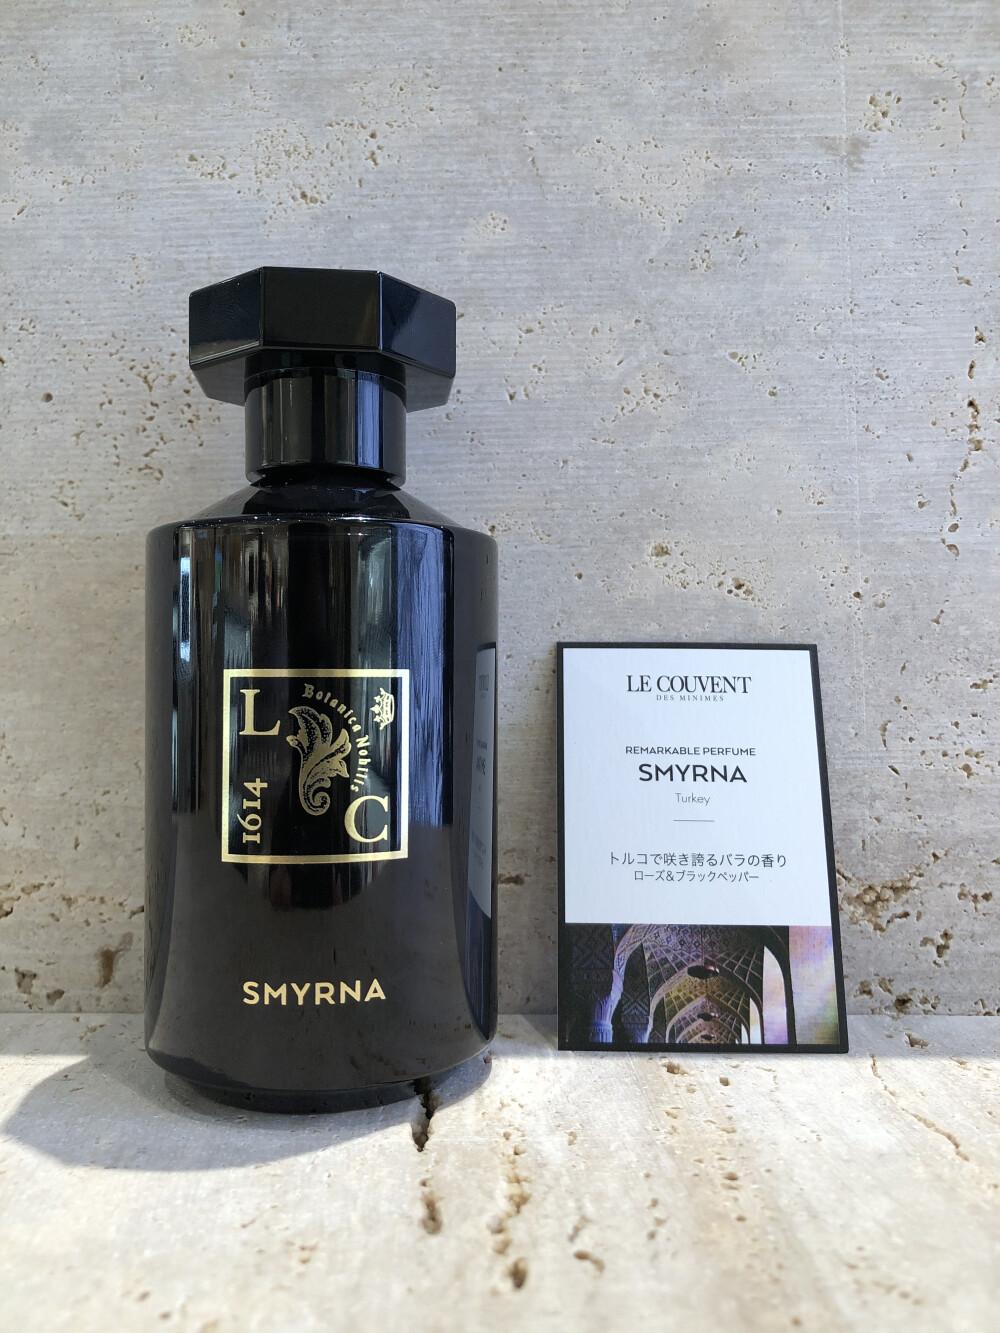 SMYRNA〈スミルナ〉〜ローズ&ブラックペッパーの香り〜